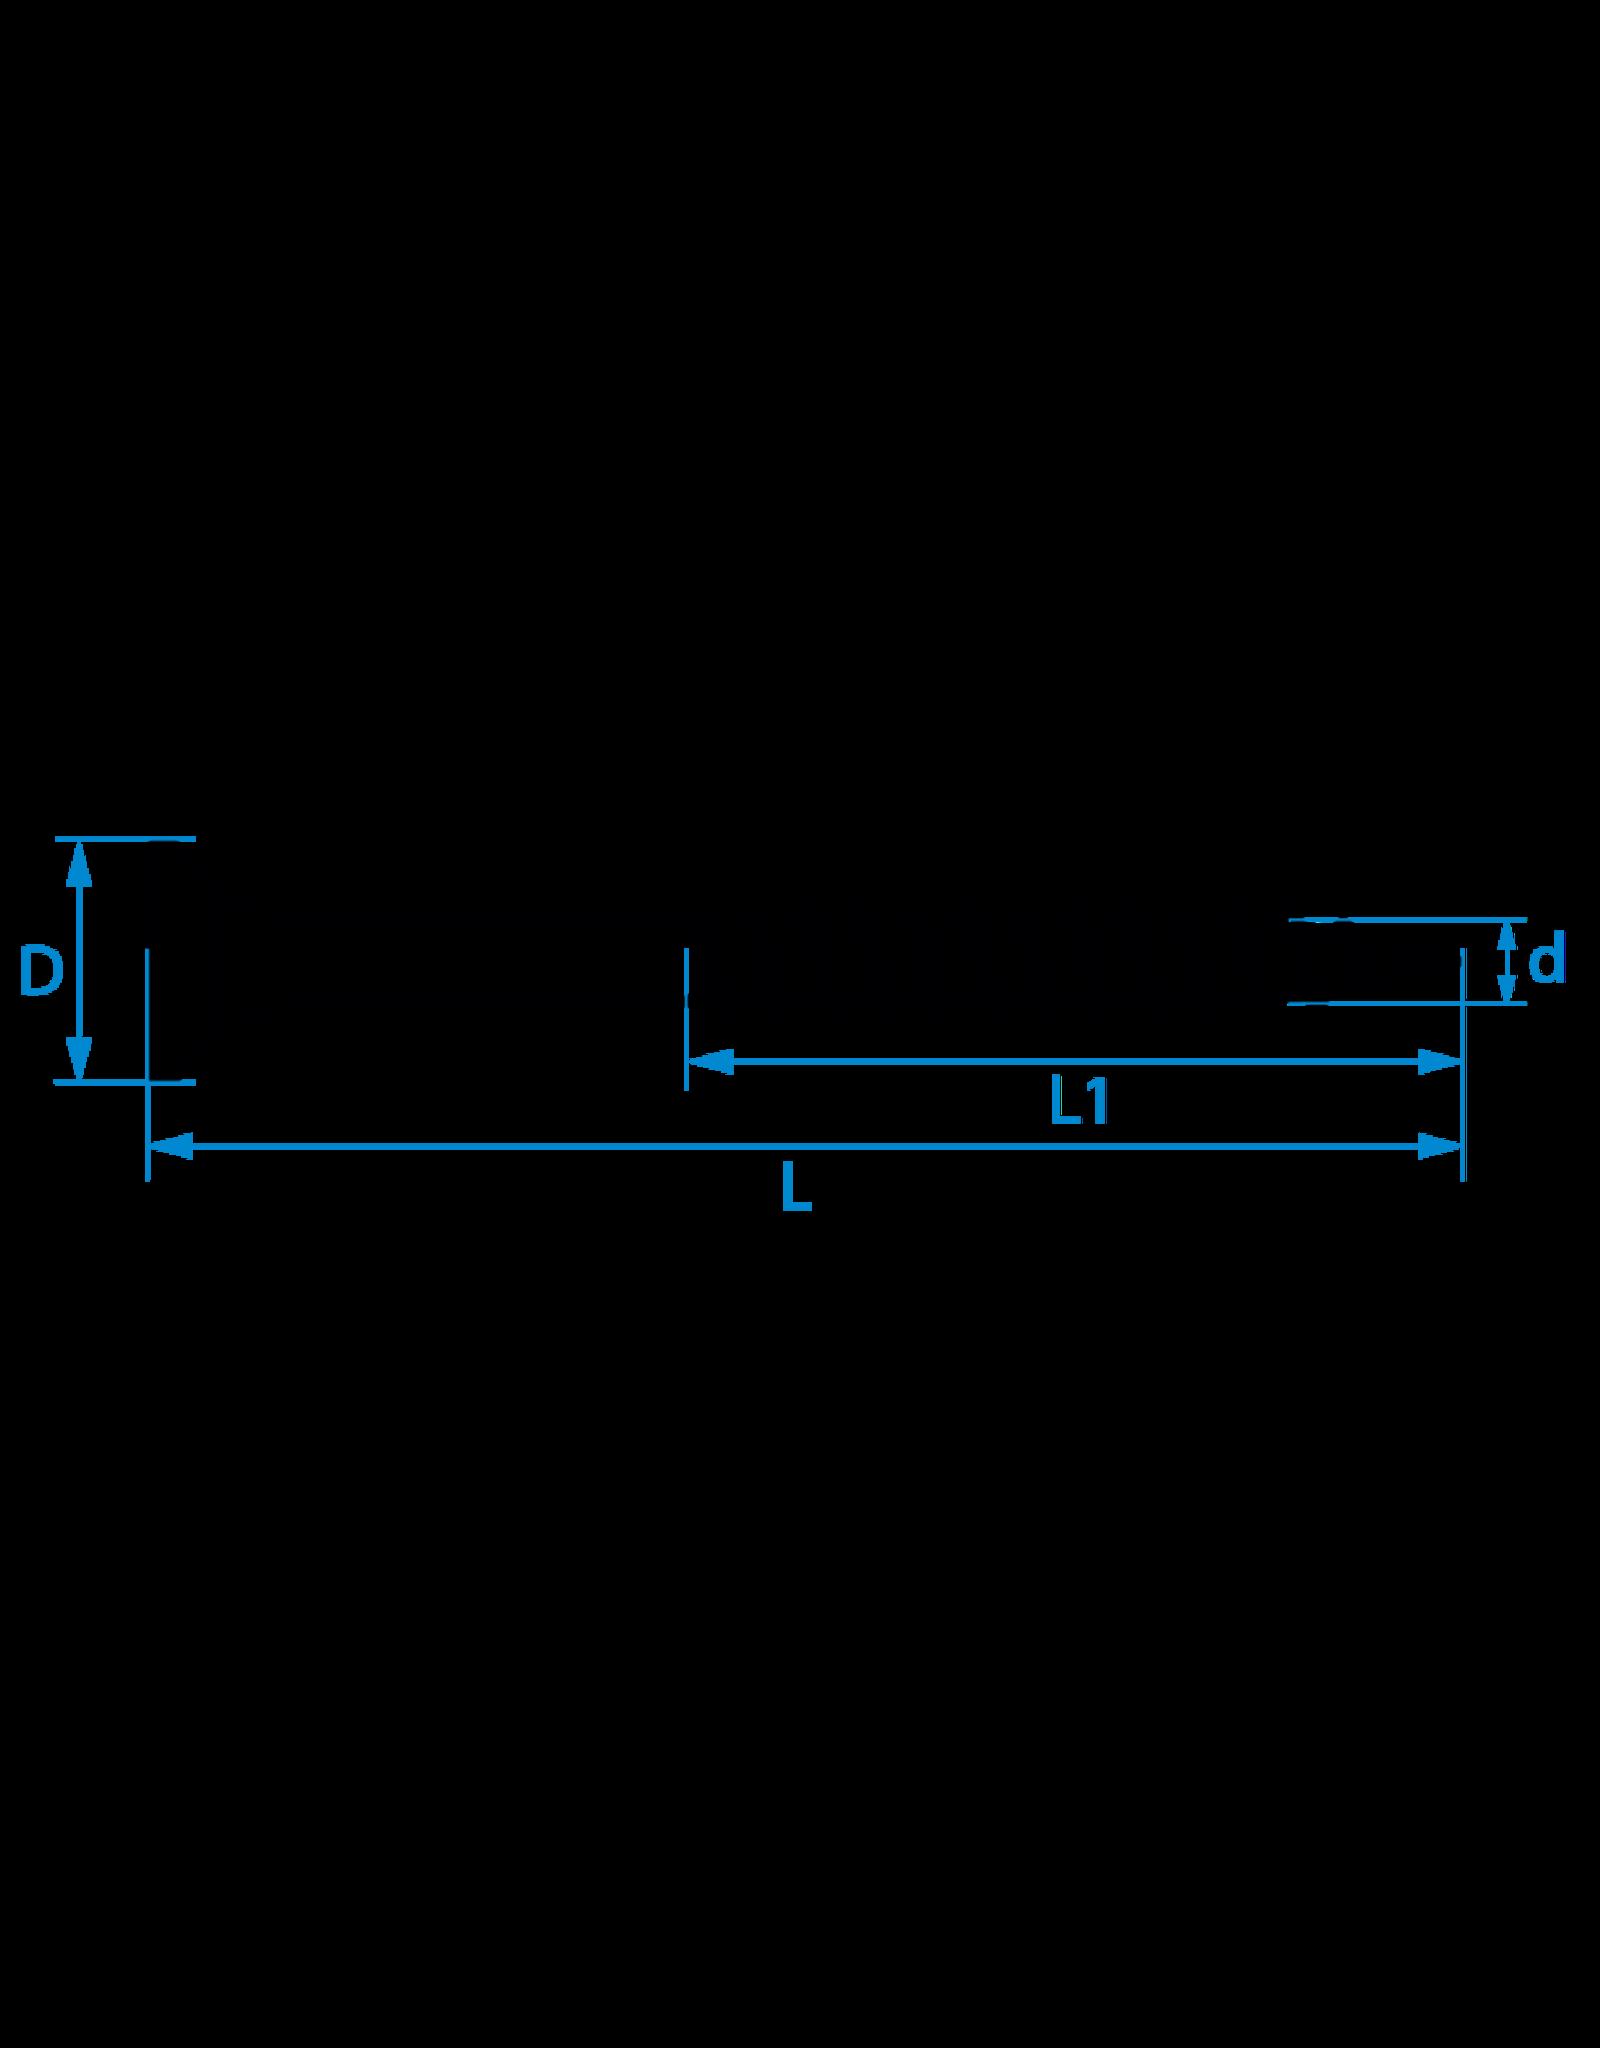 Spaanplaatschroeven platkop deeldraad 5.0x120/70 TX-25 staal gehard verzinkt per 200 stuks